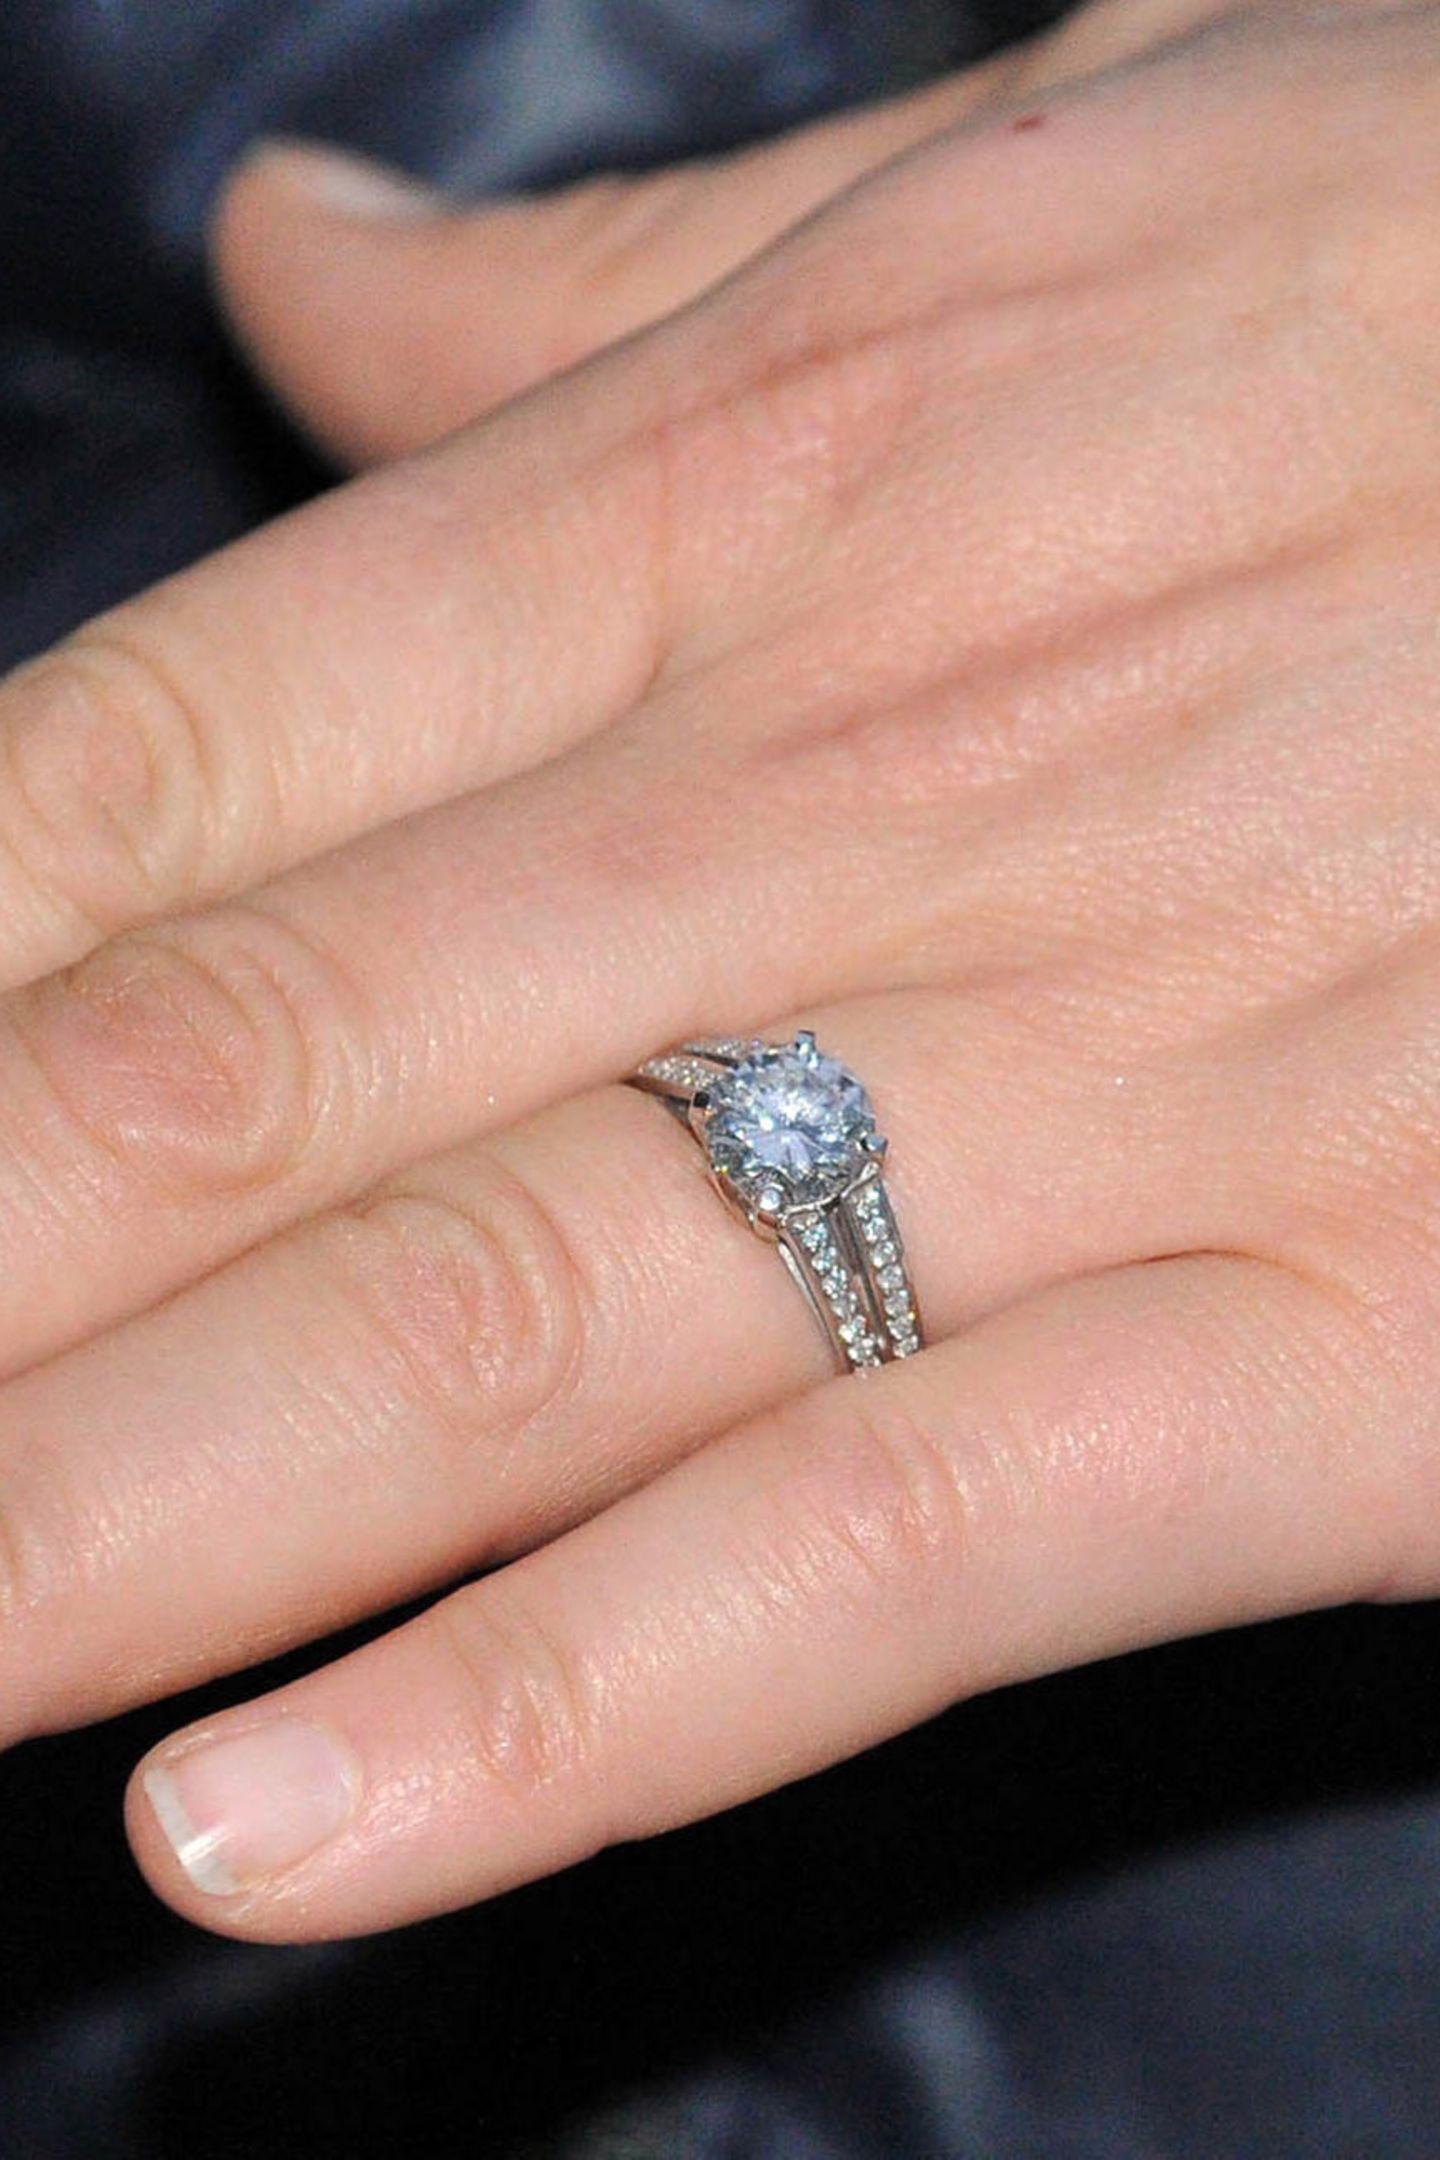 Zaras Verlobungsring besteht aus einemDiamanten, der auf einem Ringband aus Platin ruht. Den Heiratsantrag scheint Mike seiner Verlobten überraschend gestellt zu haben, denn die sonst für solche Anlässe so perfekt manikürten Fingernägel sucht man auf den offiziellen Fotos vergebens.